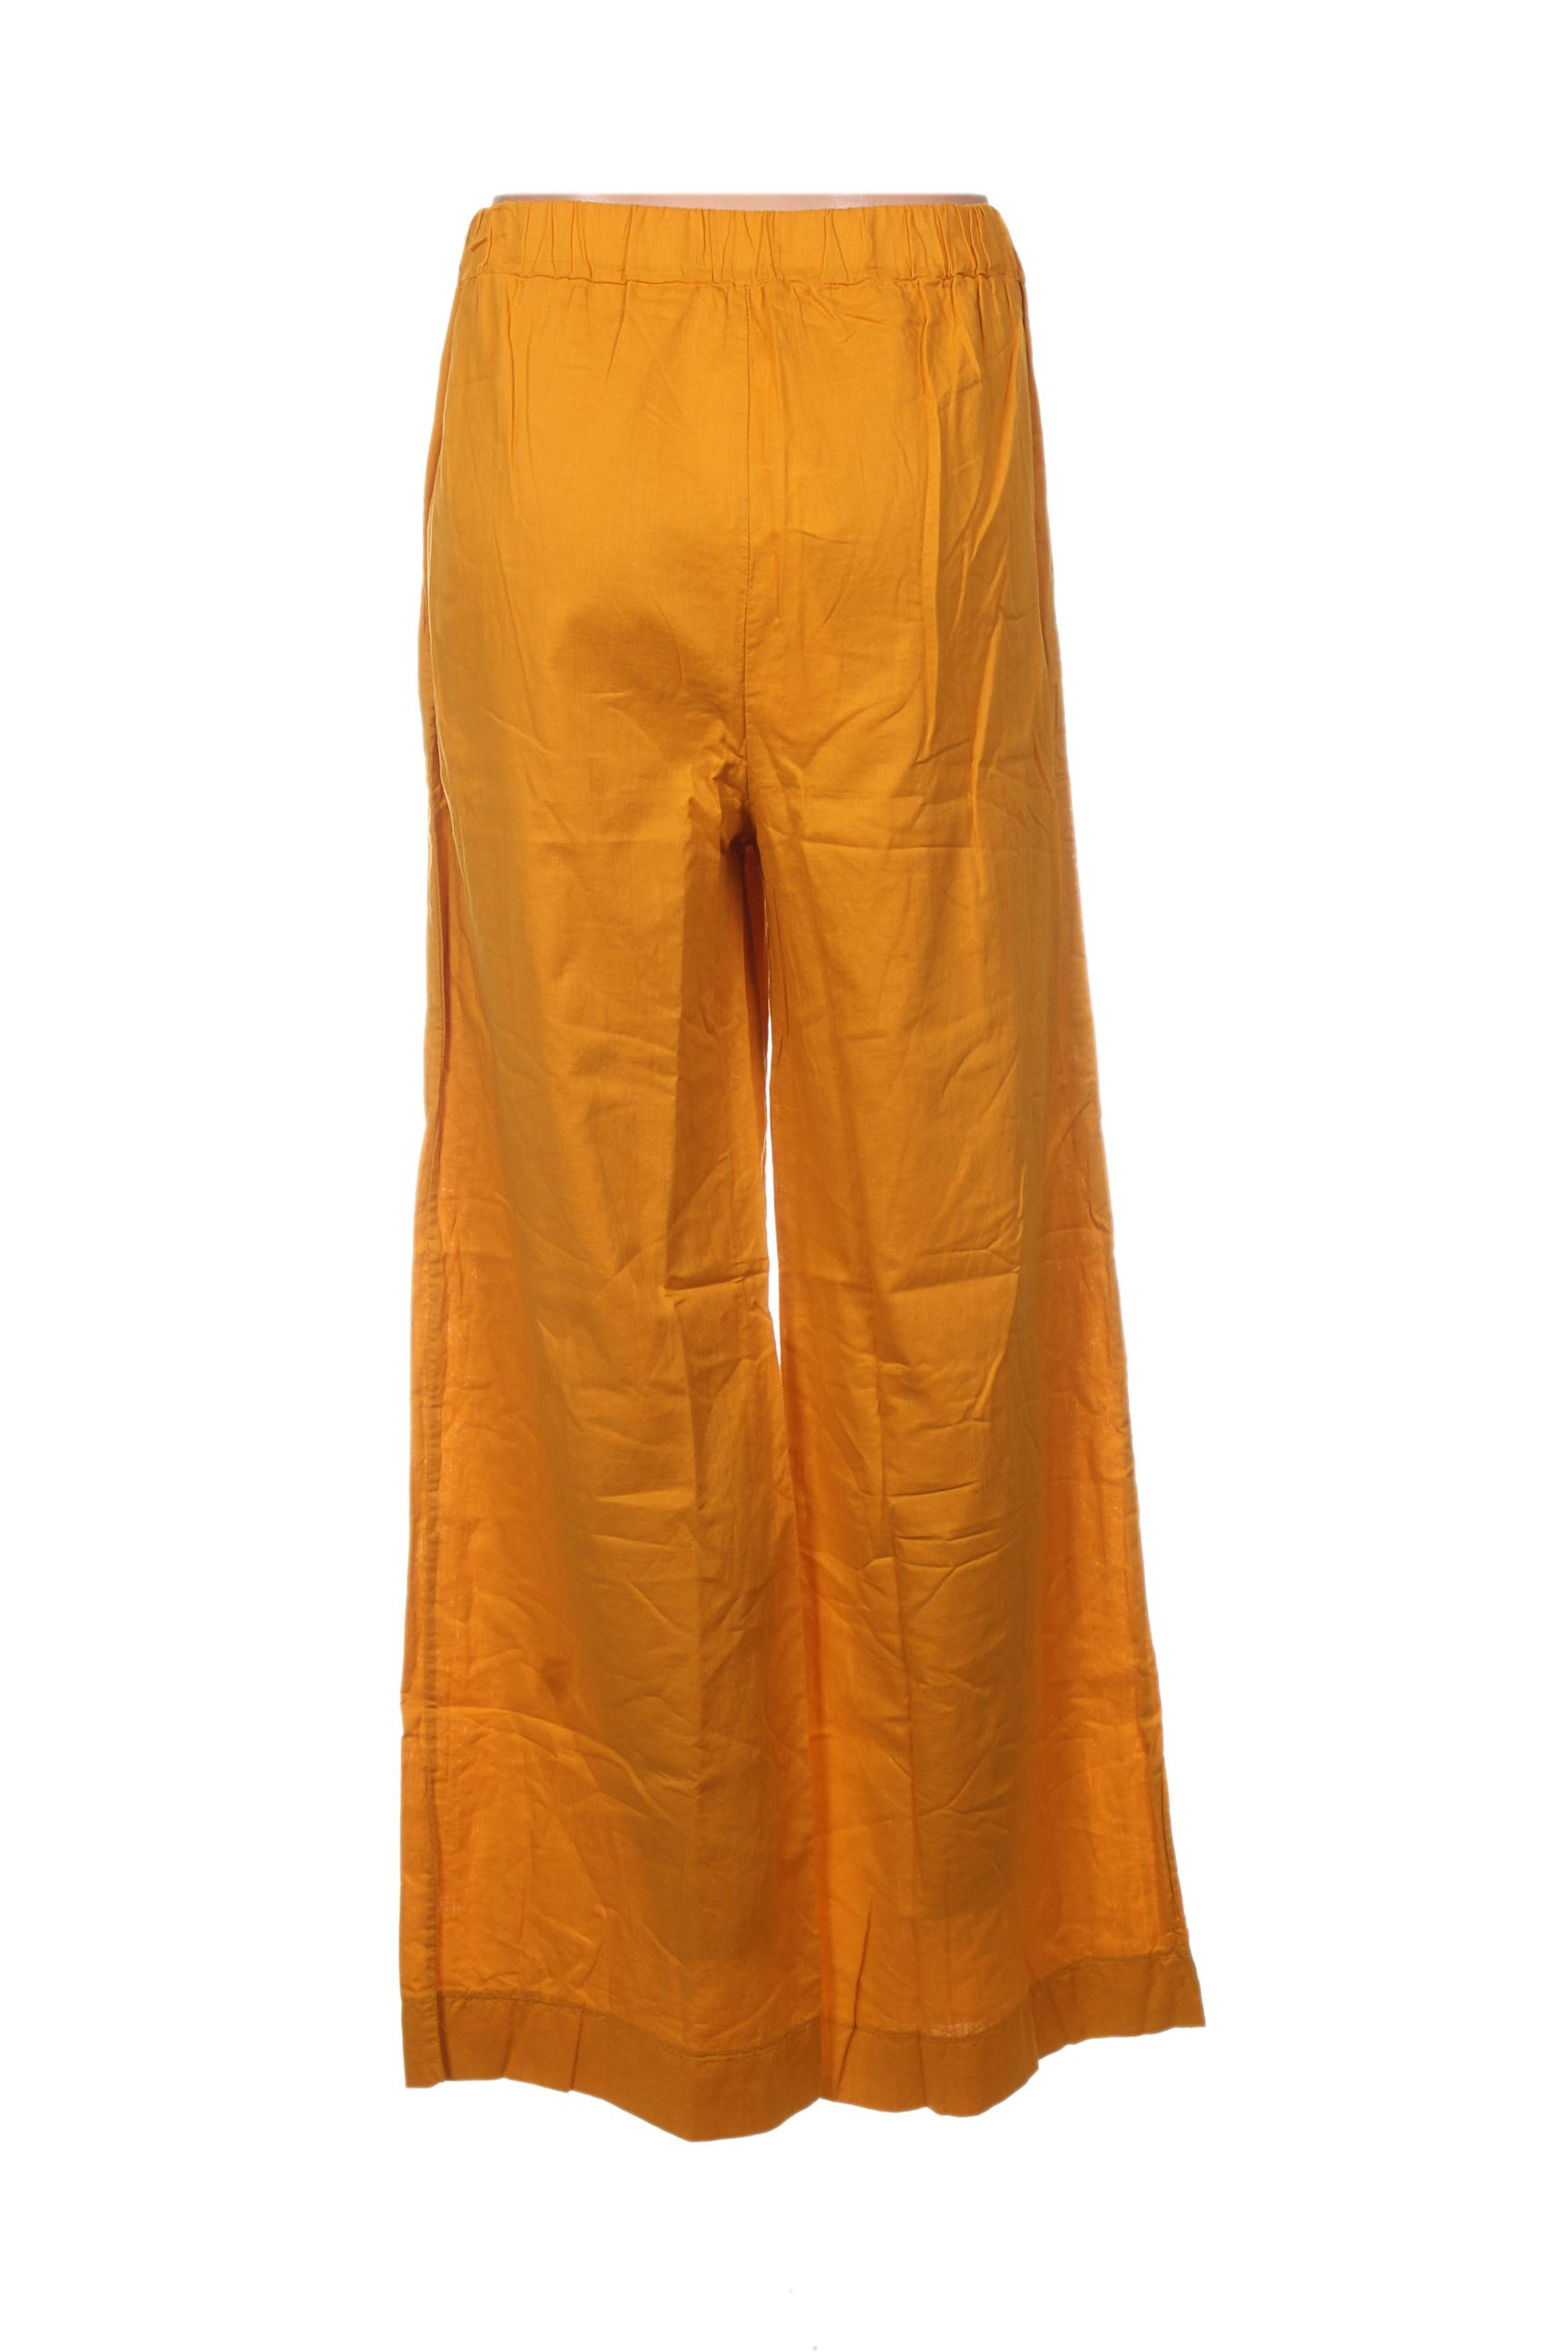 La Fee Maraboutee Pantalons Decontractes Femme De Couleur Jaune En Soldes Pas Cher 1396979-jaune0